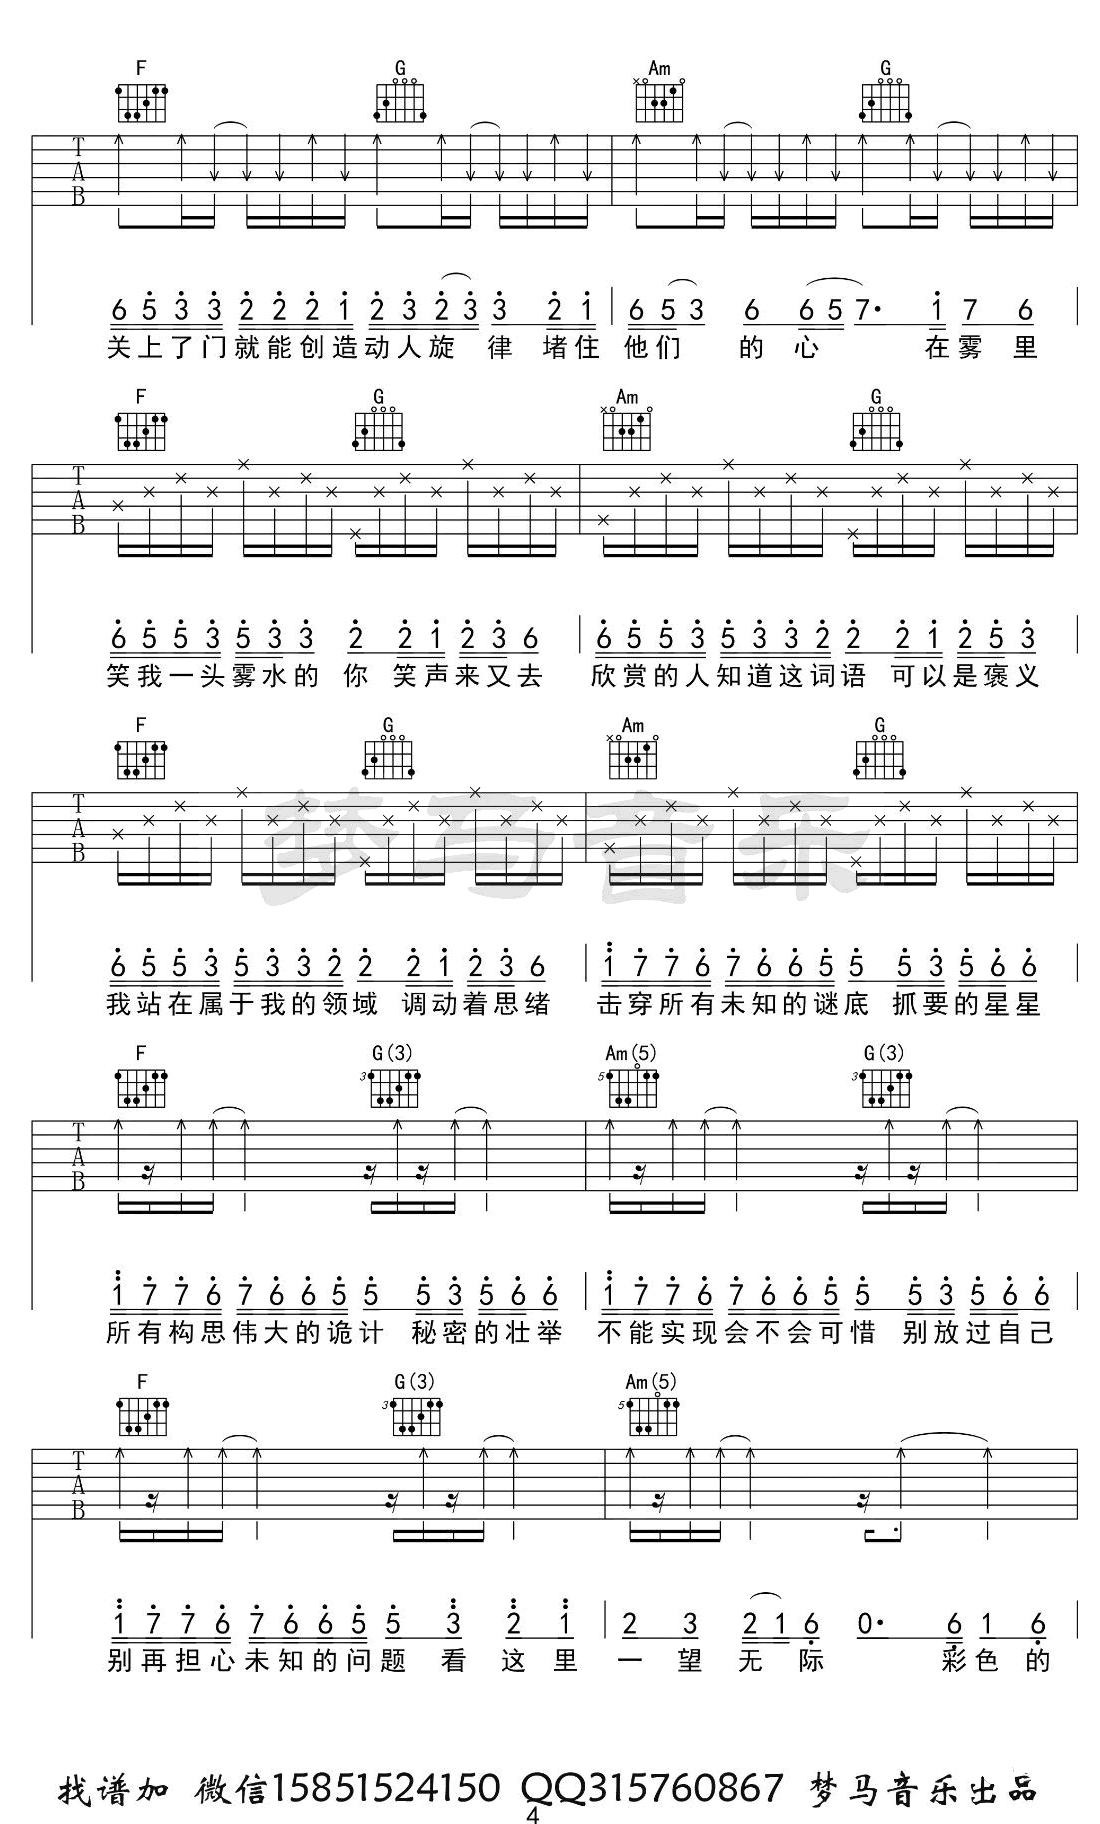 雾里吉他谱-姚六一弹唱六线谱-4